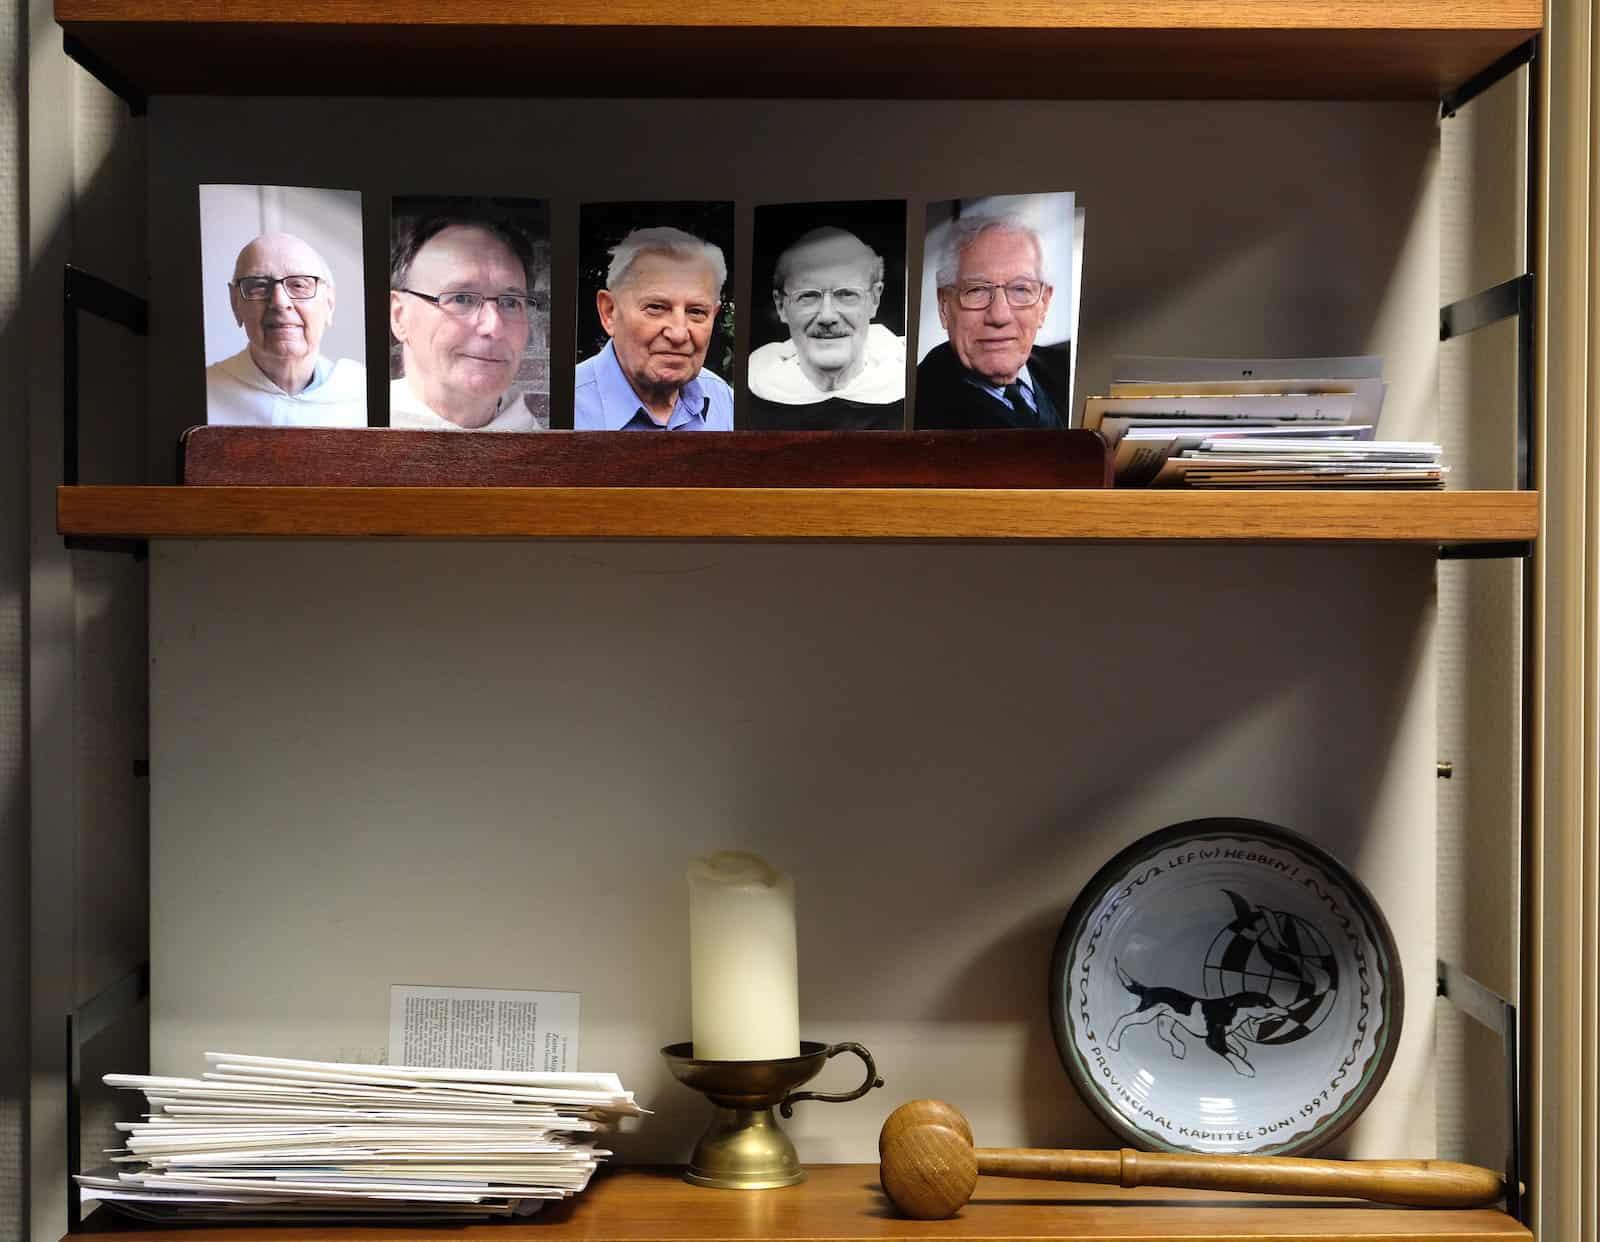 kastje provinciaal overleden broeders klein